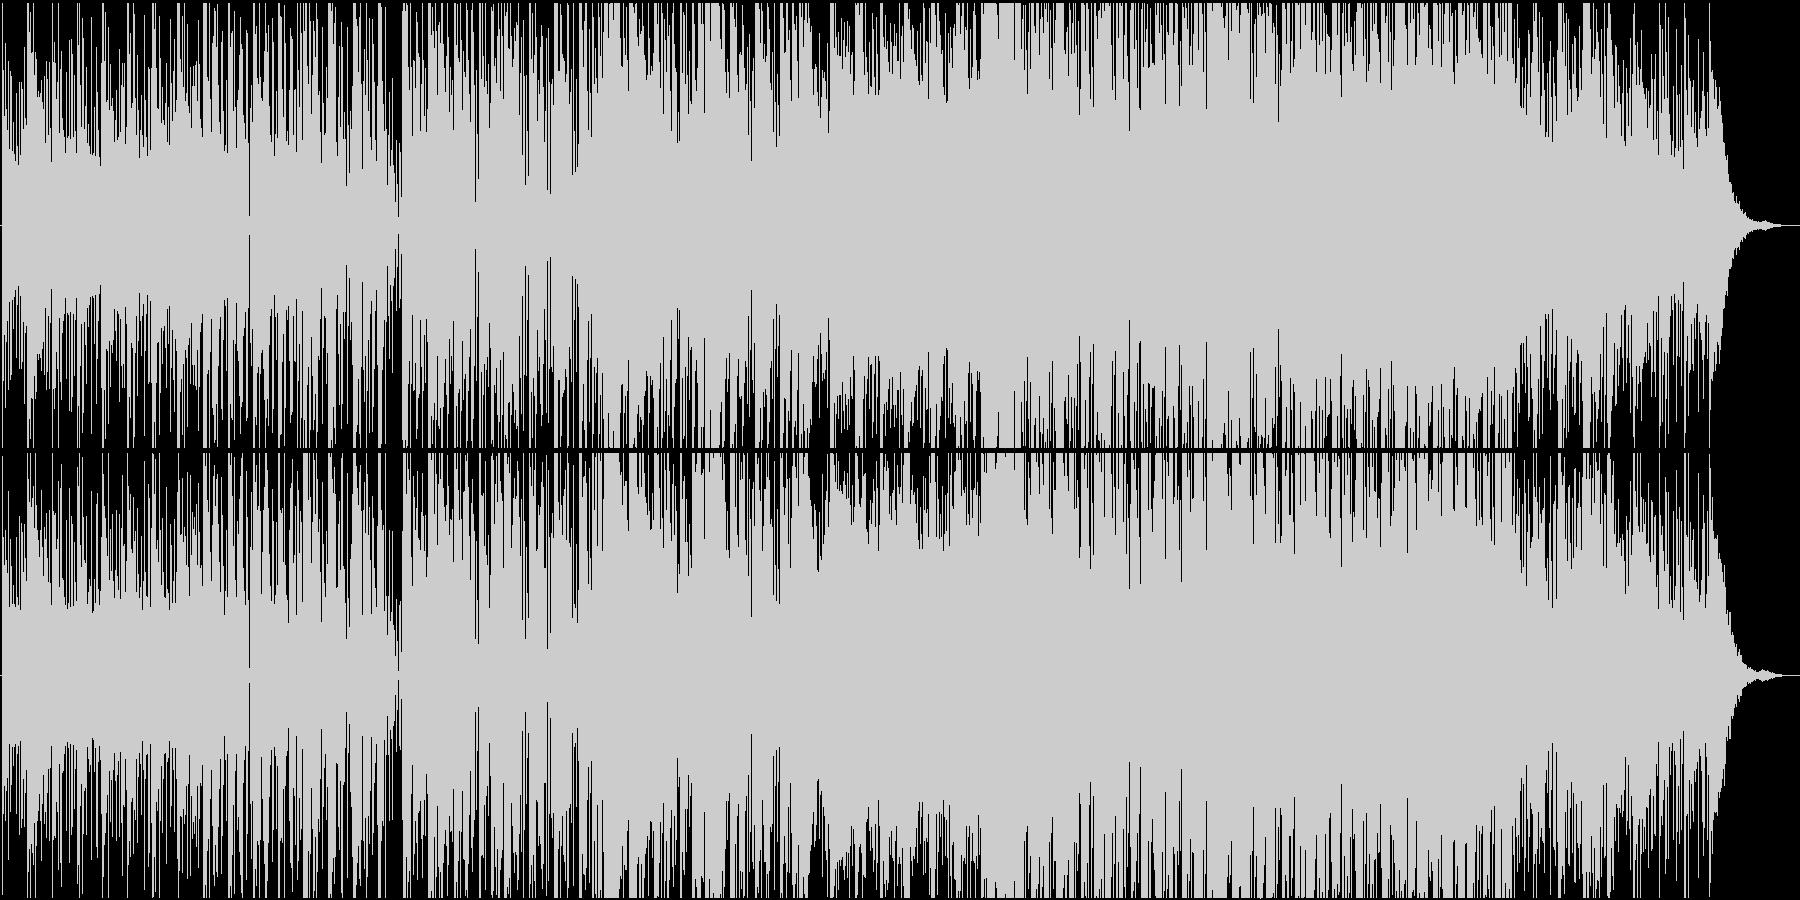 ダウンテンポの滑らかなジャズトラックの未再生の波形